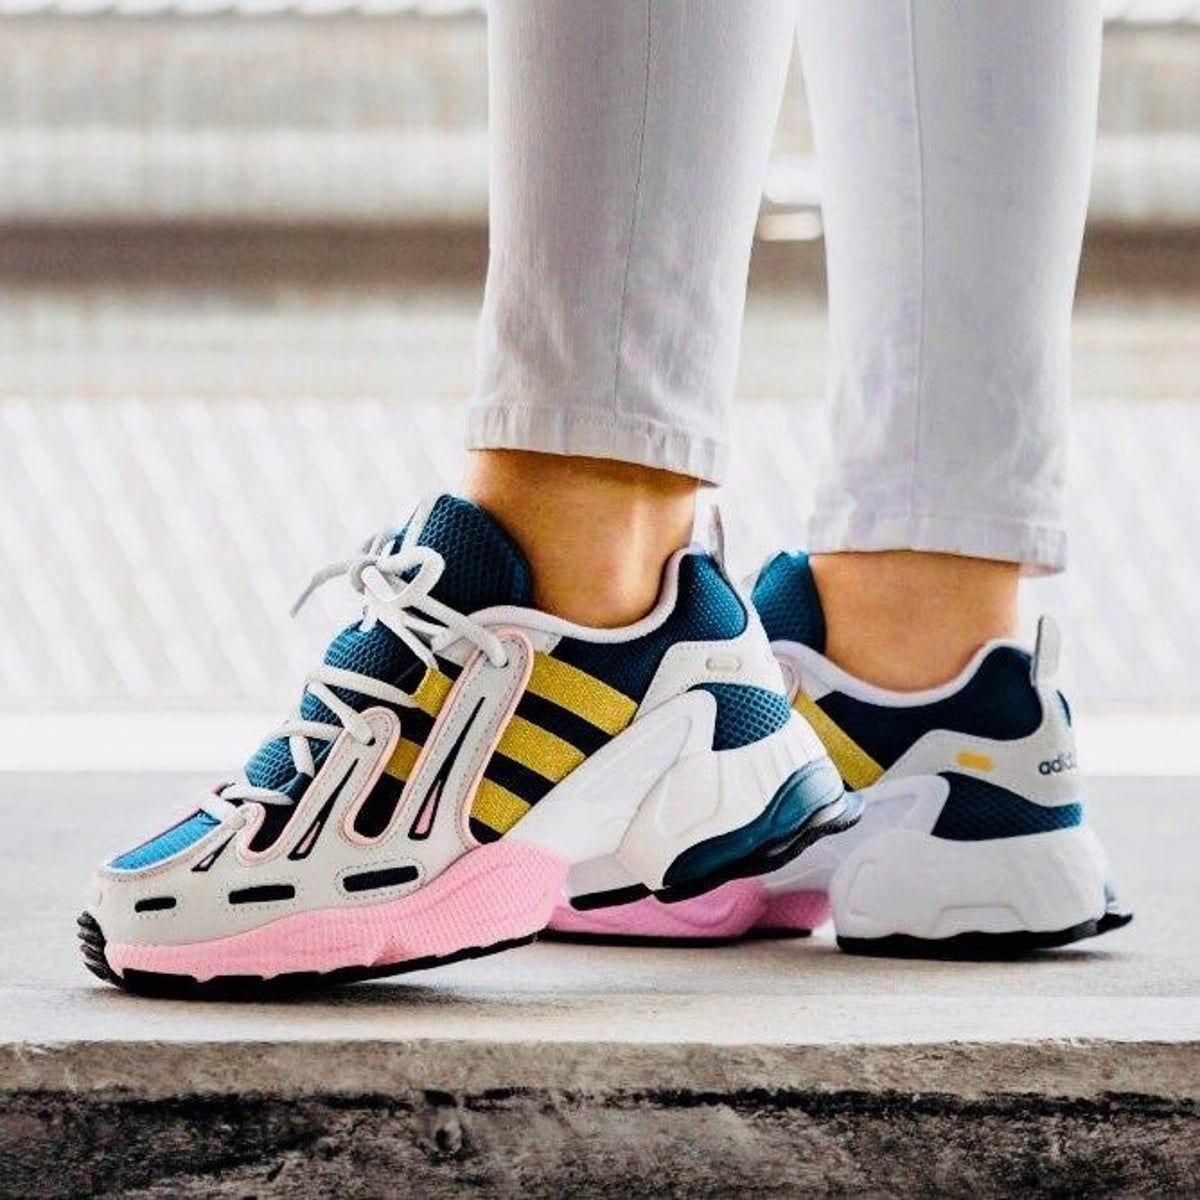 NWT Adidas EQT Gazelle Women's Shoes in 2020 | Vans shoes ...